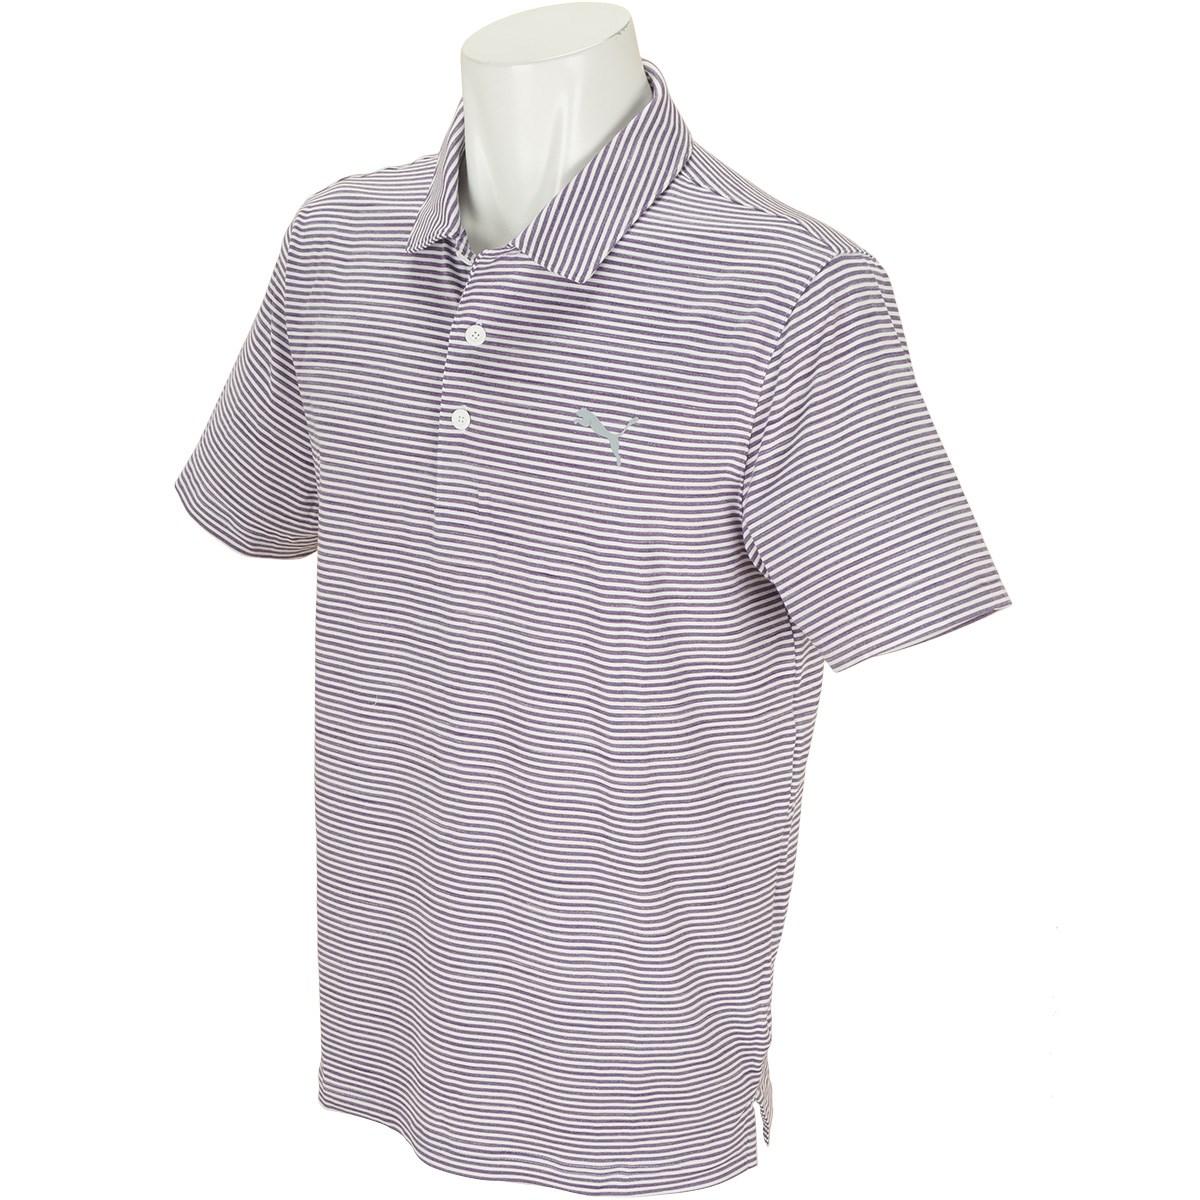 プーマ(PUMA) GDO限定 キャディ ストライプ 半袖ポロシャツ